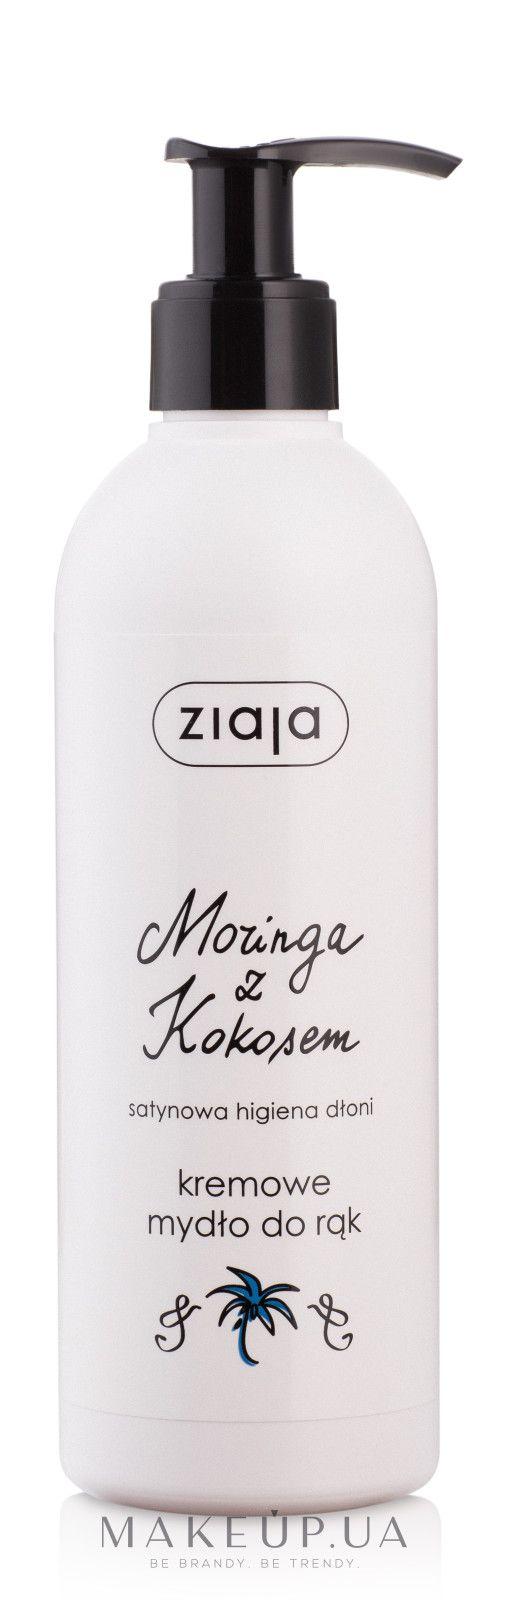 """Купить Кремовое мыло для рук """"Моринга с кокосом"""" - Ziaja  на makeup.com.ua — фото N1"""